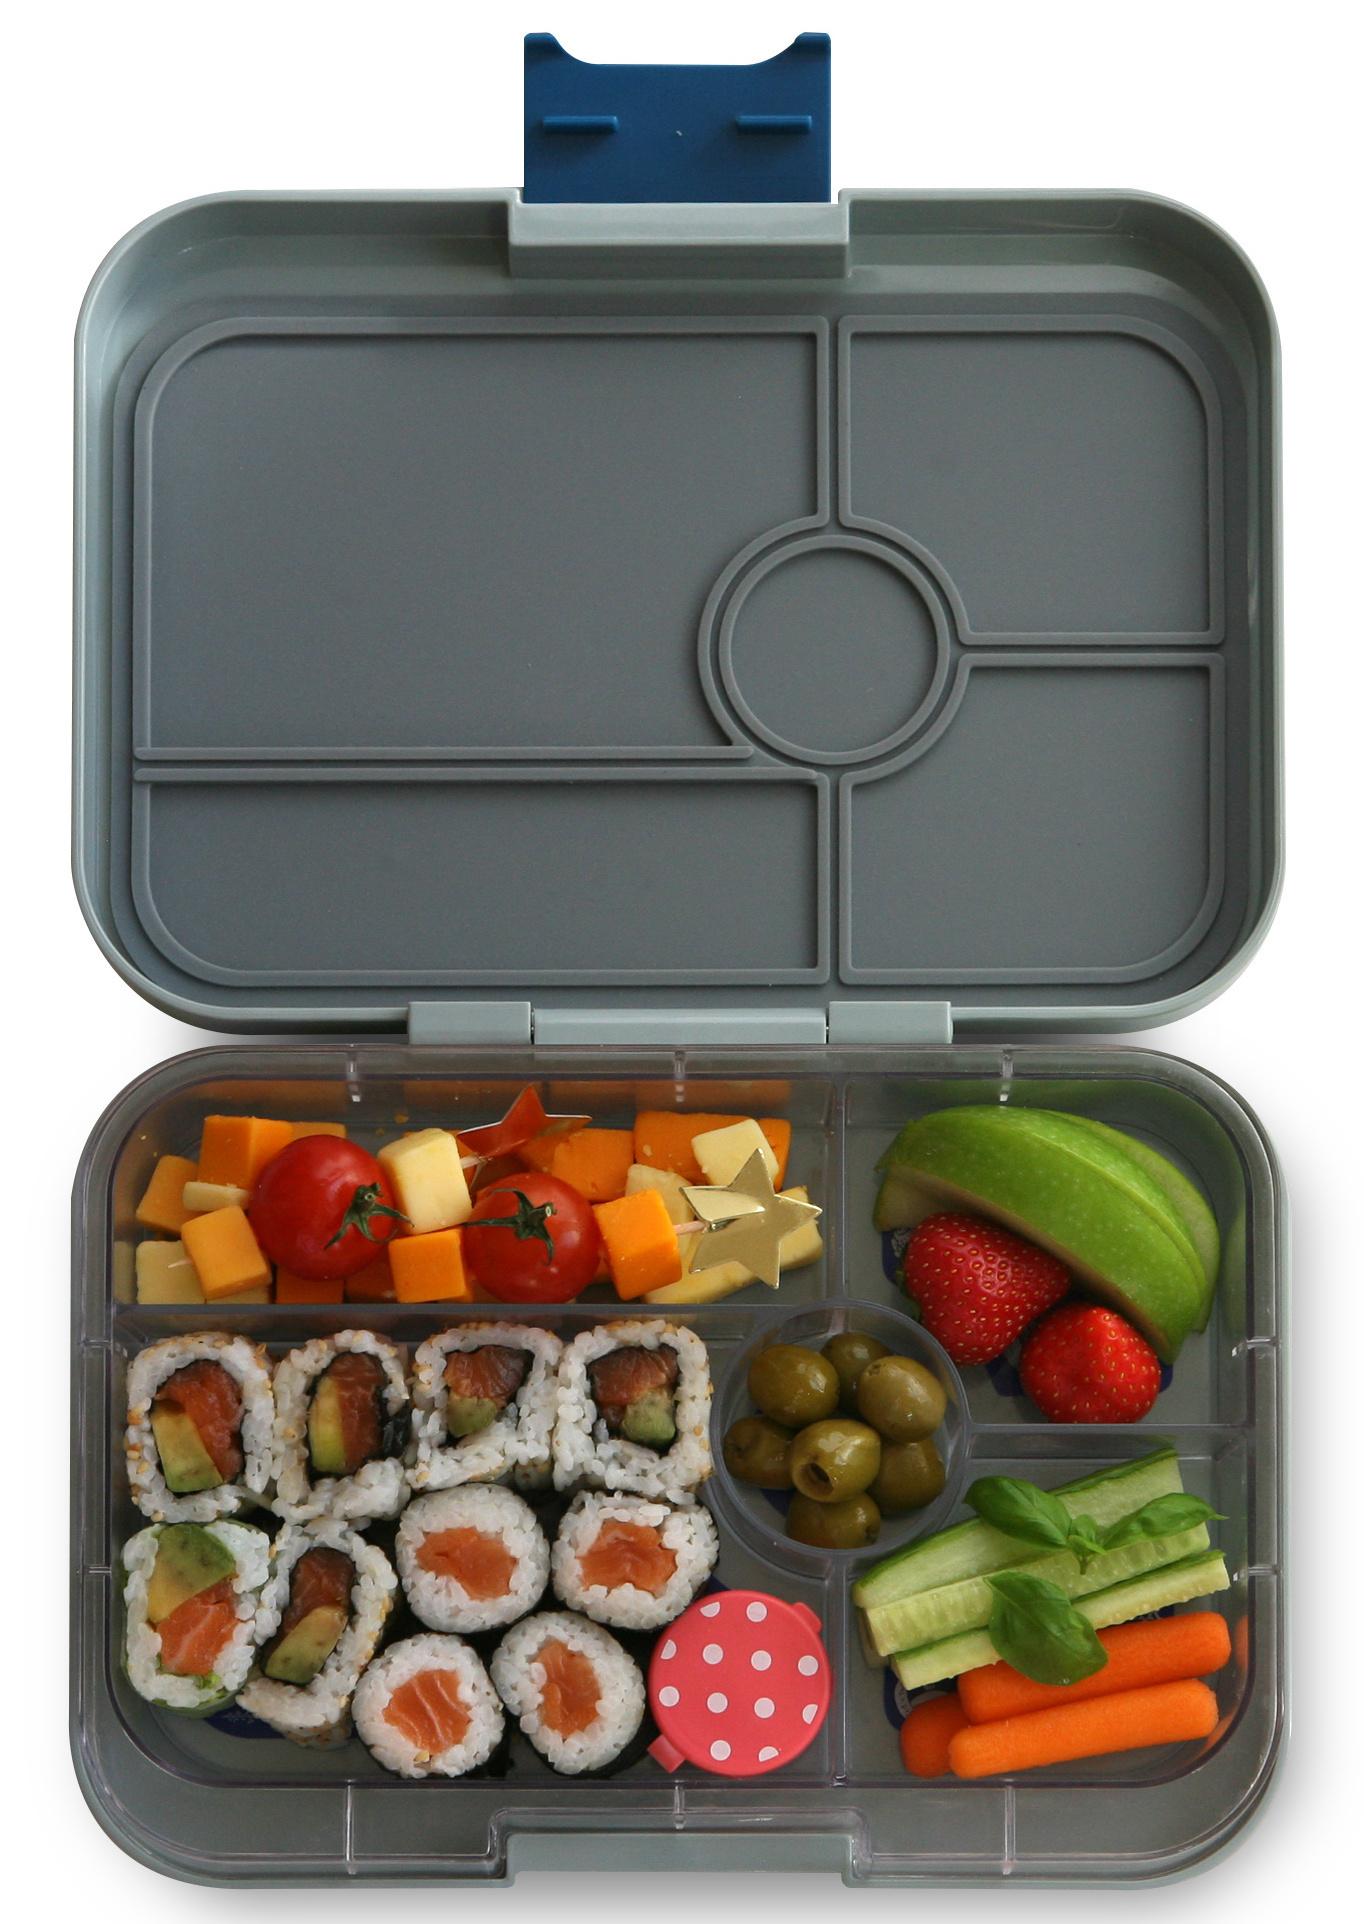 Yumbox Tapas XL lunchtrommel Flat Iron grijs / Transparant tray 5 vakken-2